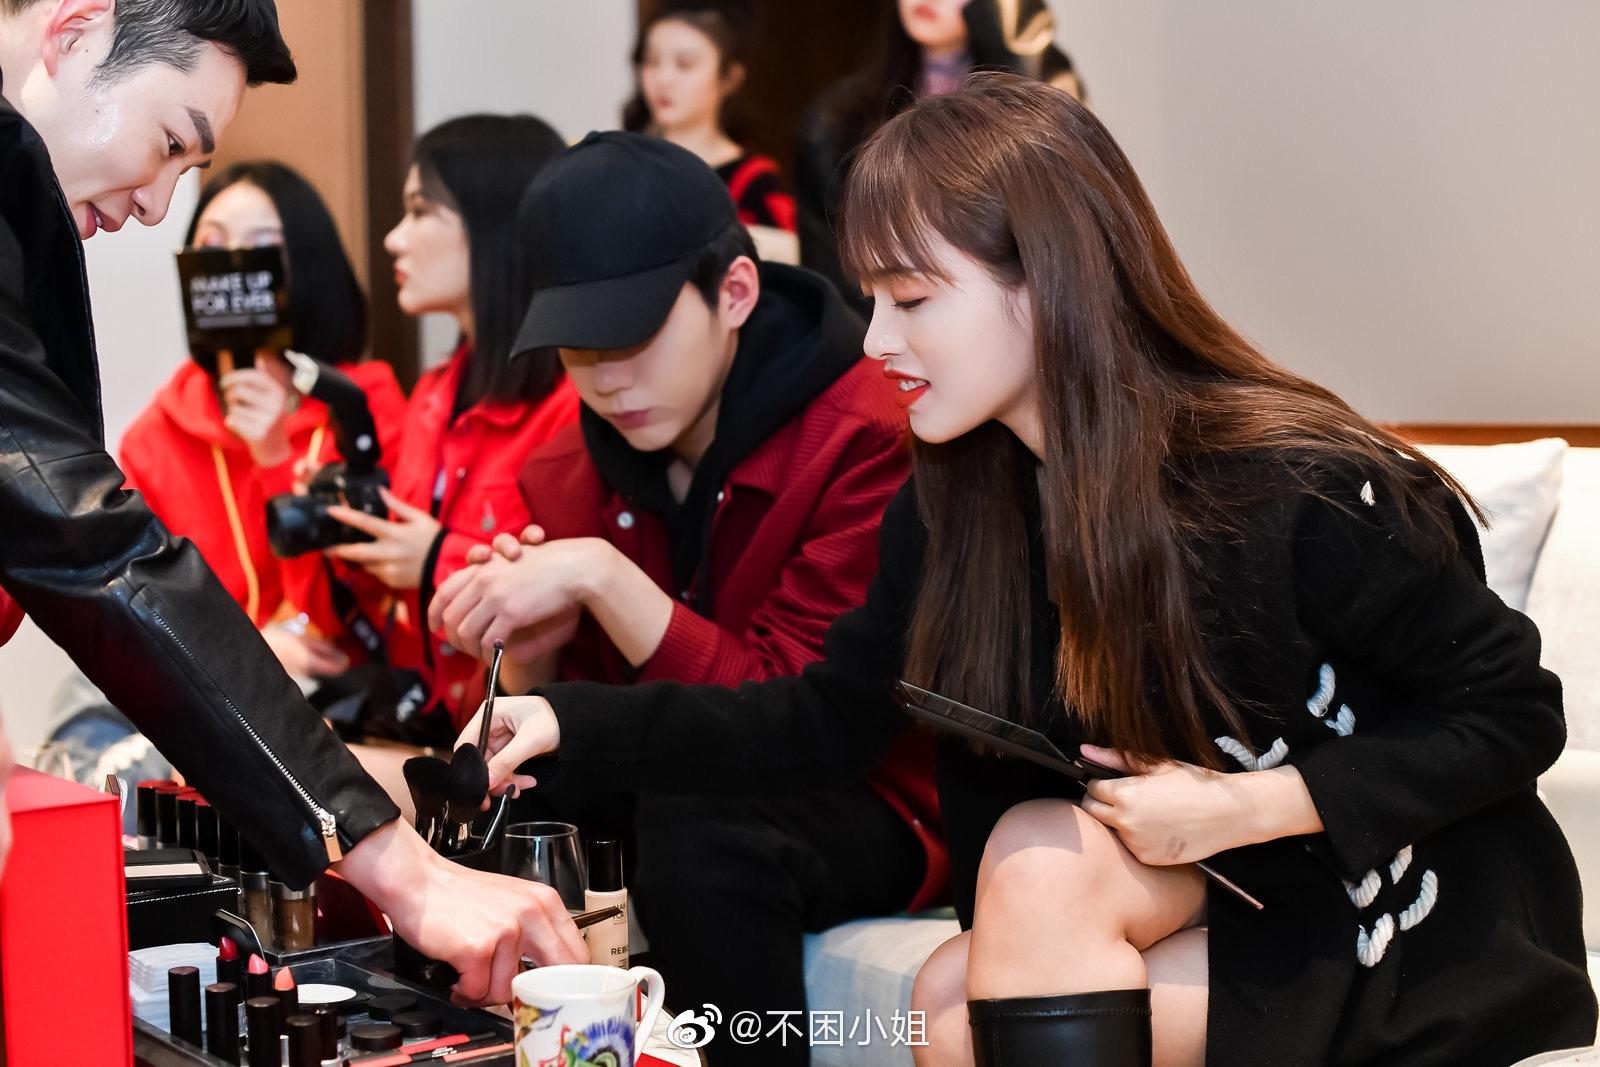 感谢@MakeUpForEver中国 的邀请超认真的听了muf的新年限定彩妆